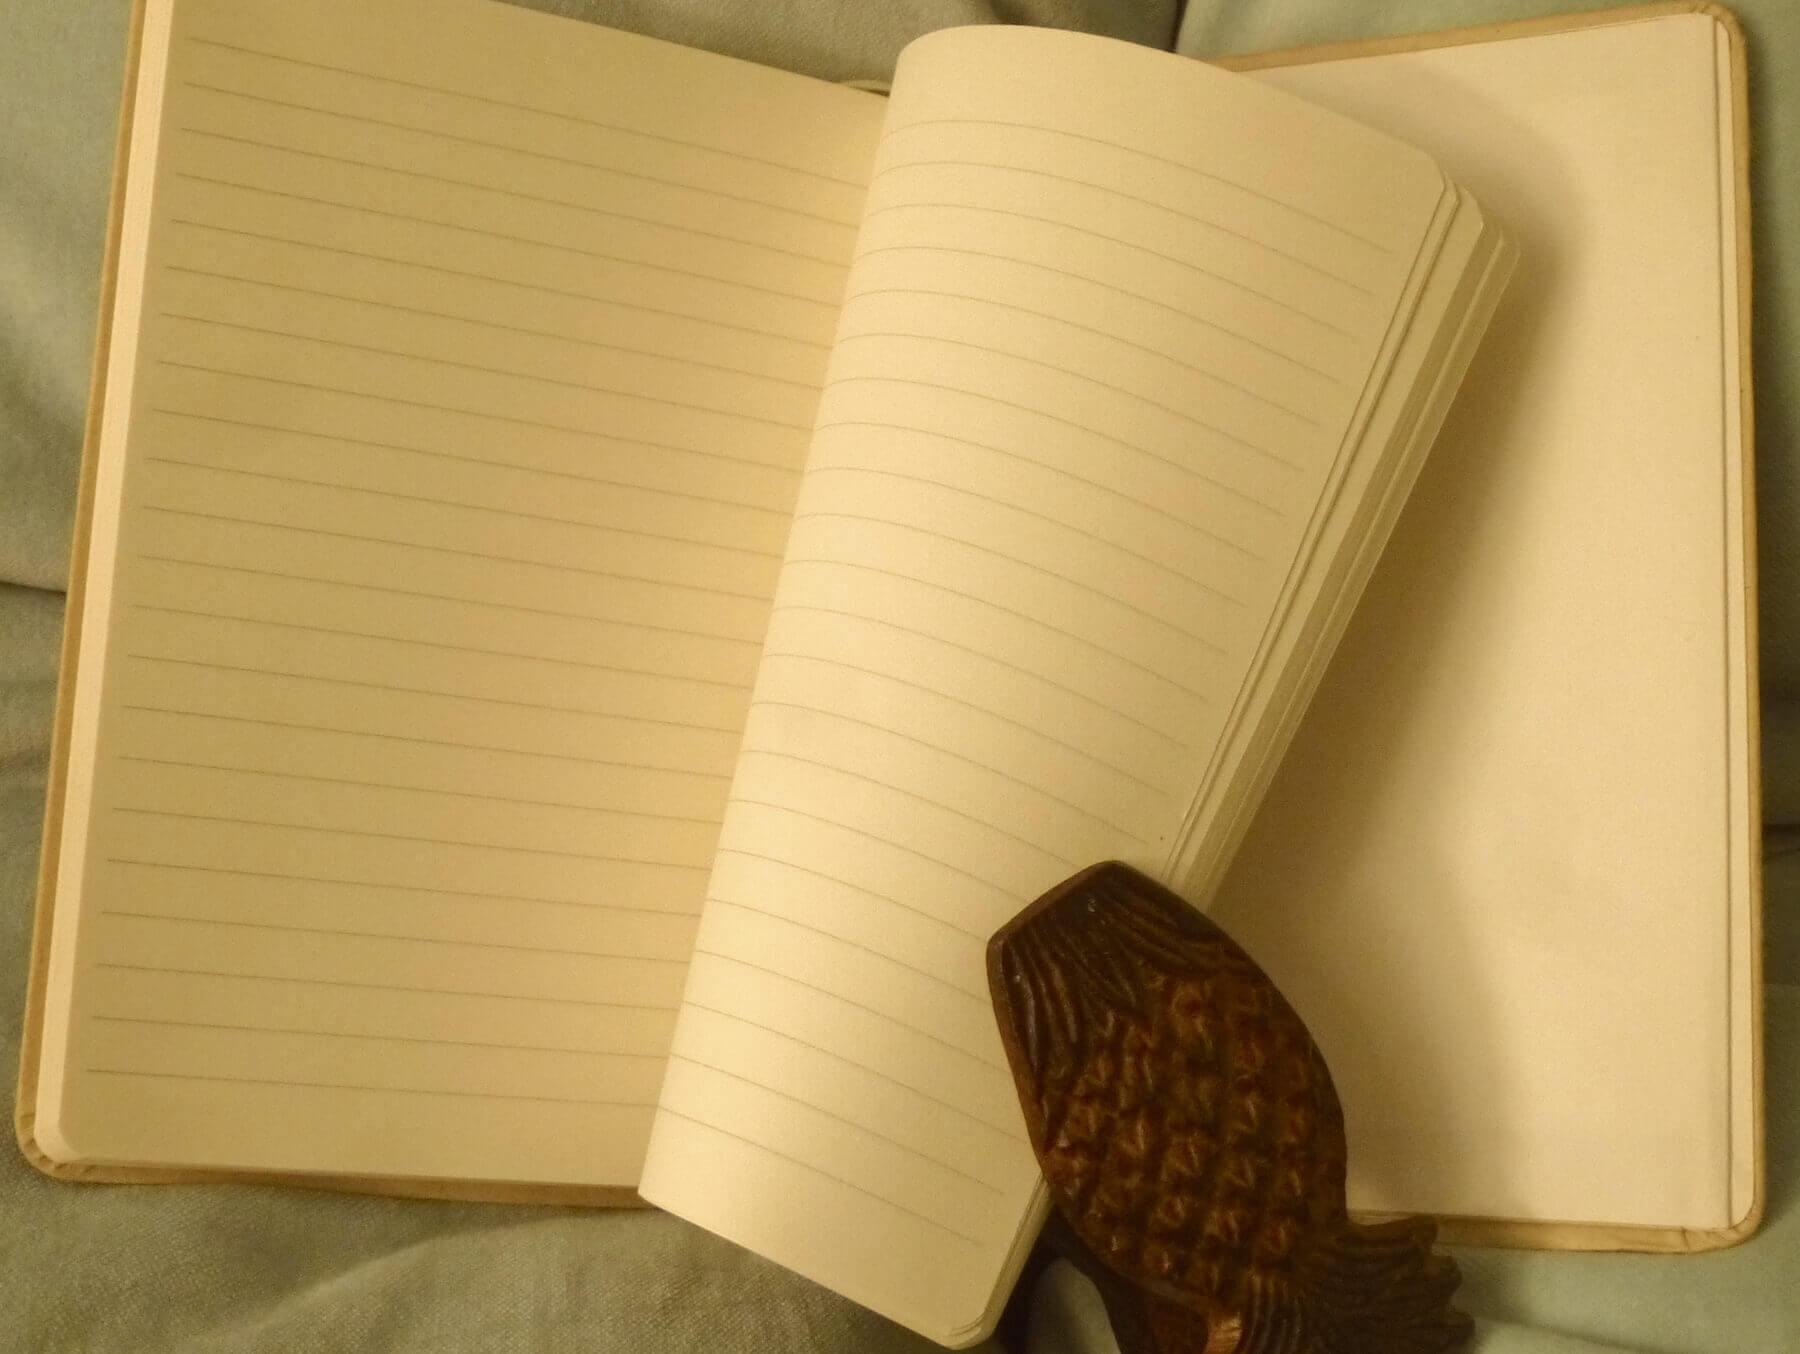 Chameleon Like medium notebook